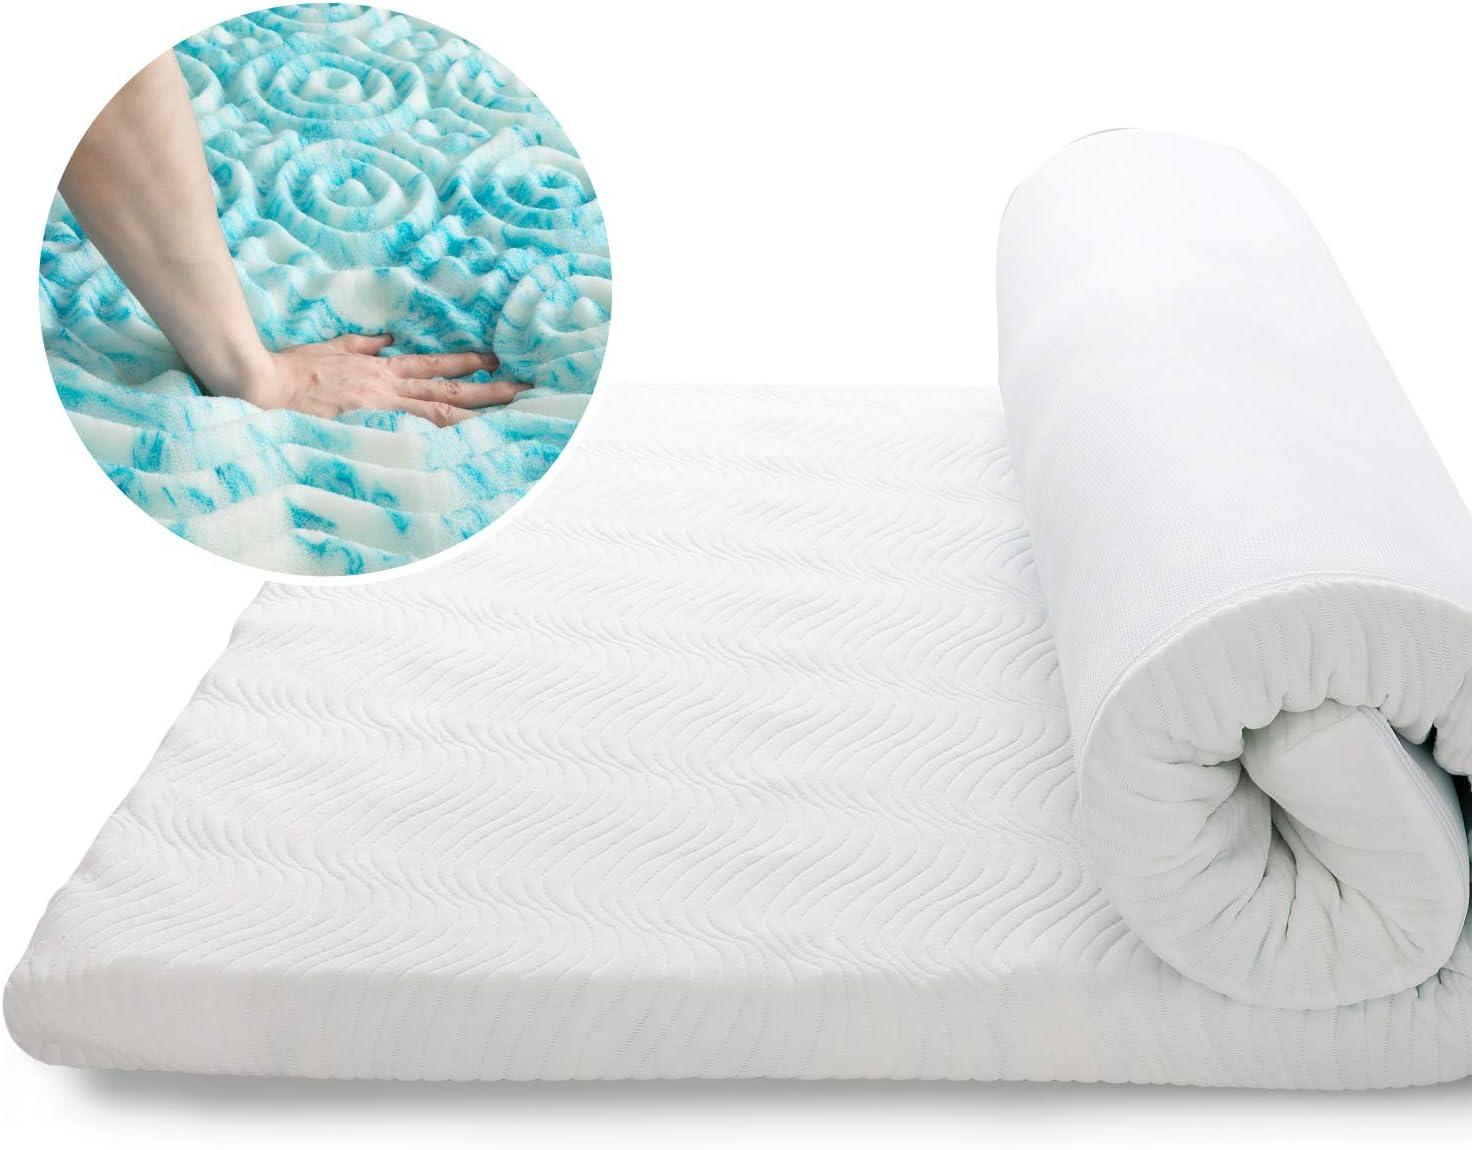 Bedsure Topper Colchón Viscoelástico 150x190x7cm de Memory Foam - Sobrecolchon Antiestático con 1 Funda Extraíble y Lavable - Cubrecolchon Espuma con Efecto Memoria Hipoalergénico